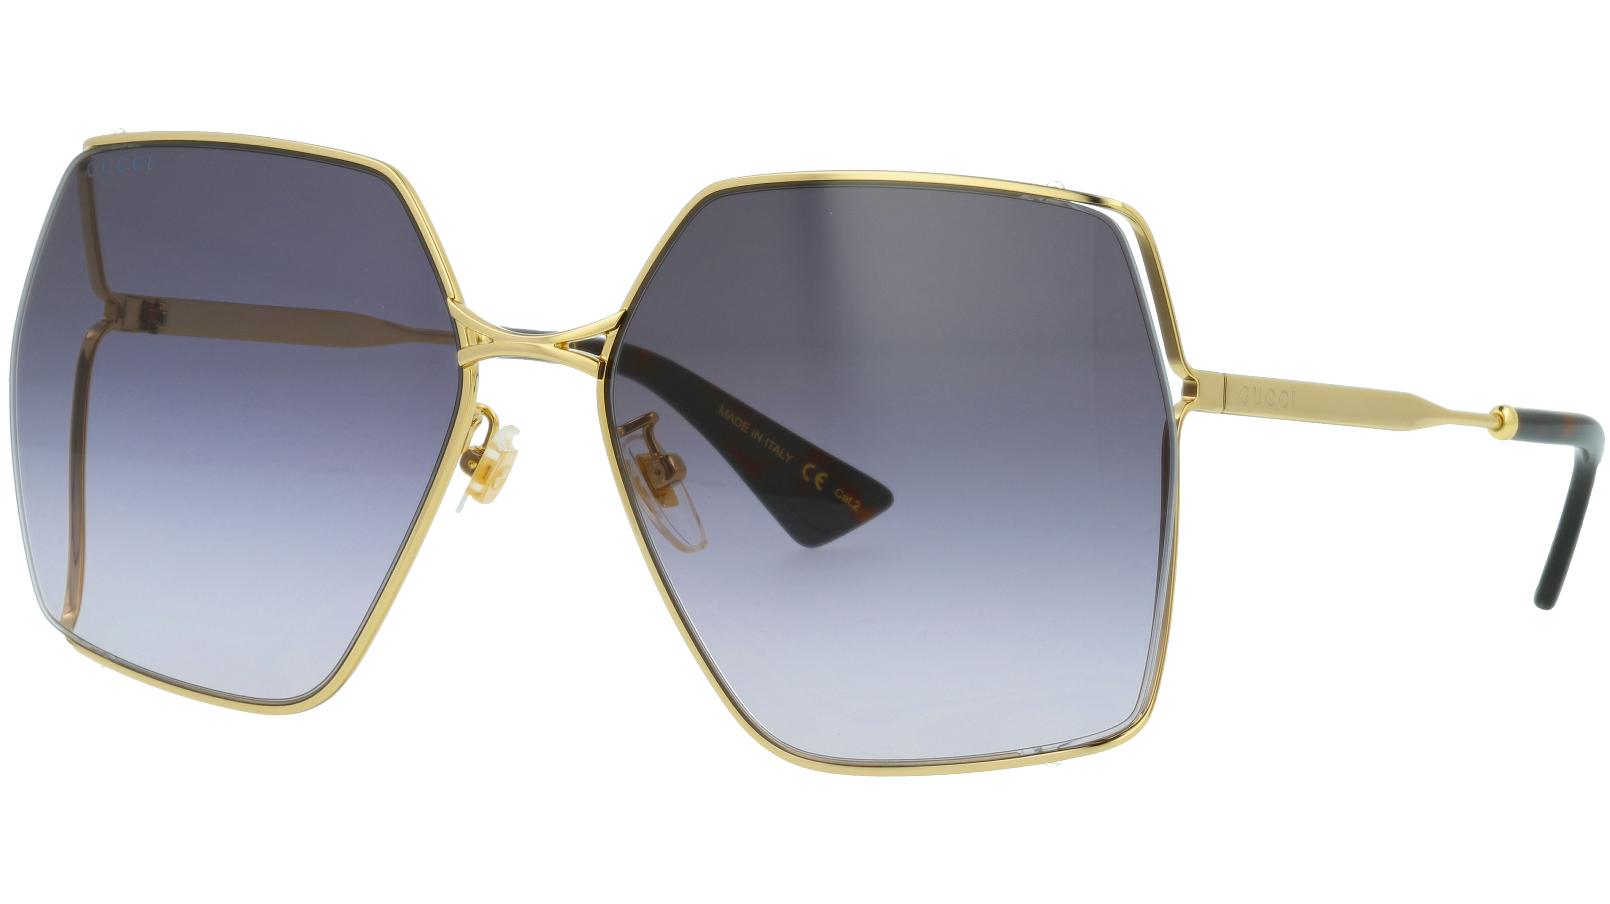 Gucci GG0817S 001 65 Gold Polygon Sunglasses